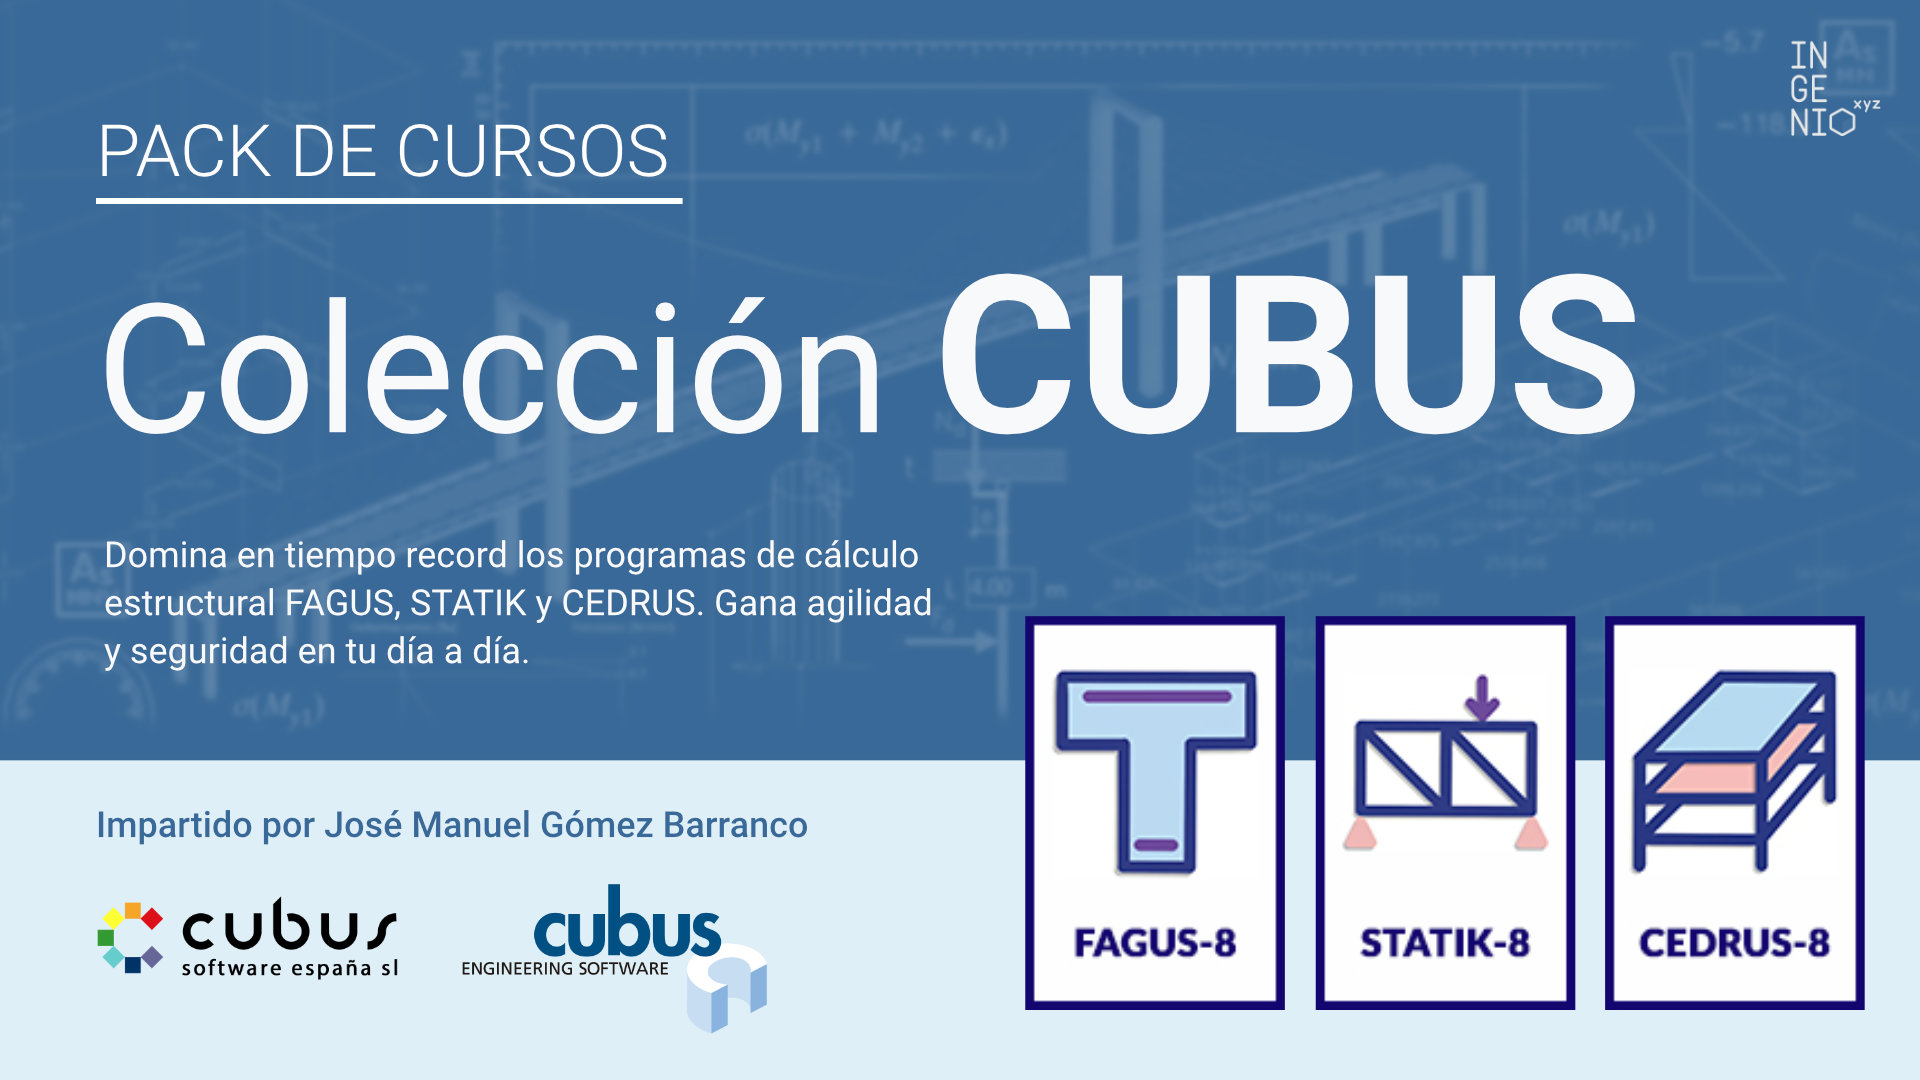 Colección de cursos Cubus: Fagus, Statik y Cedrus